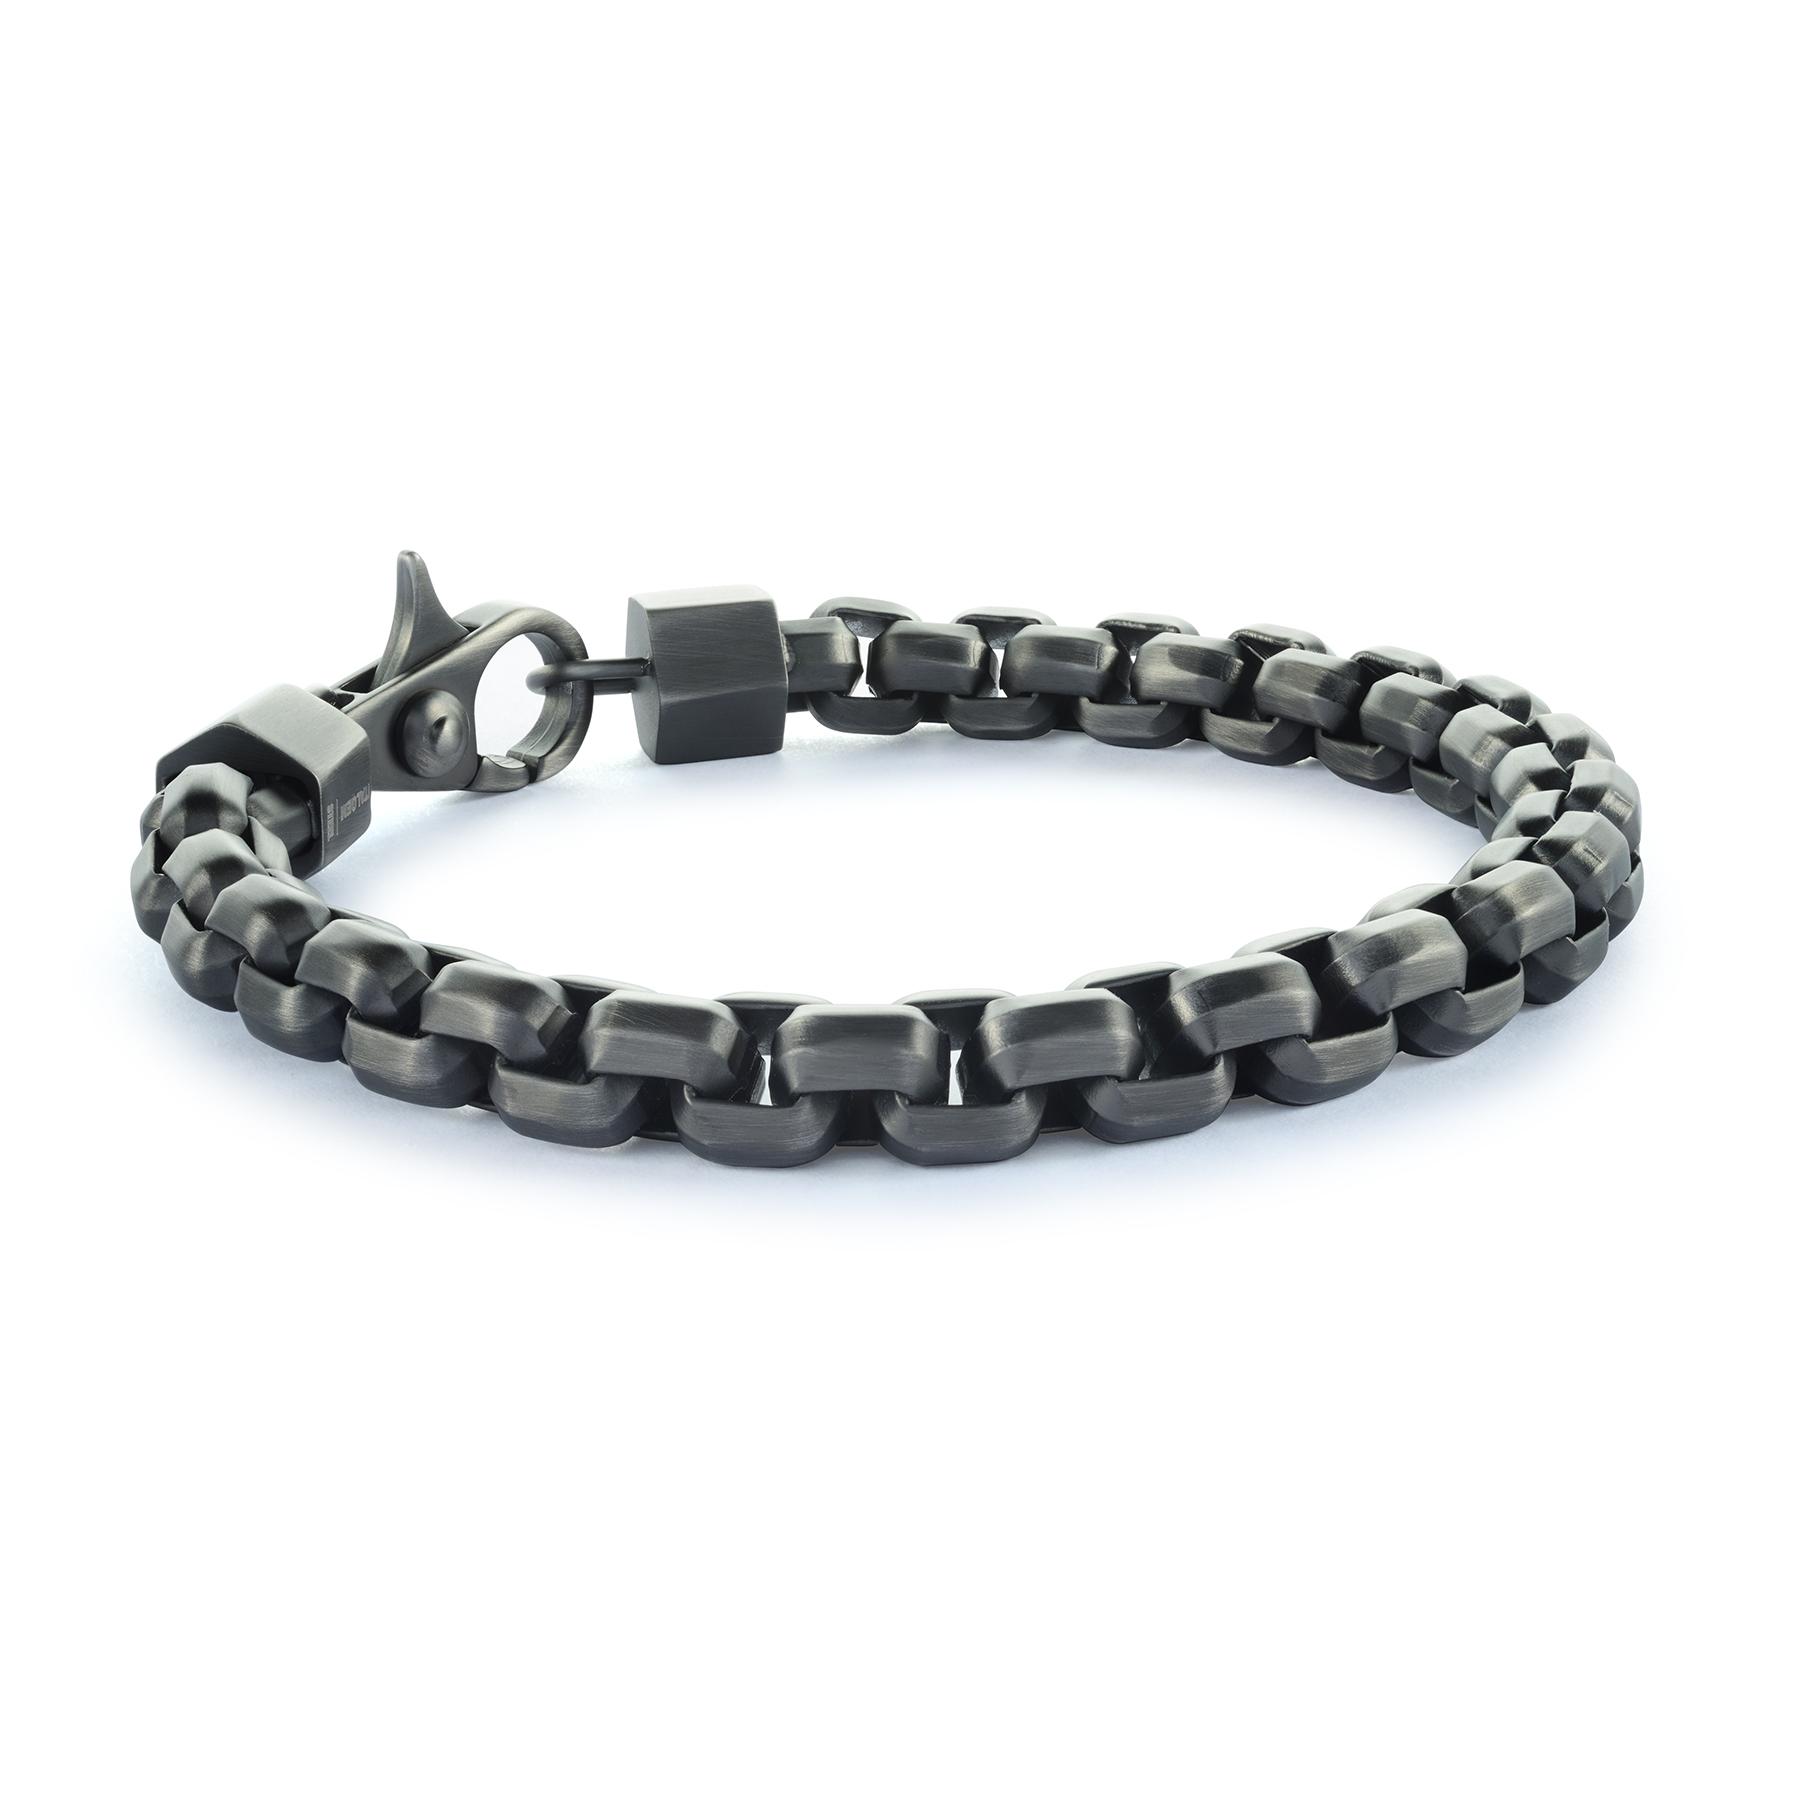 Bracelet - Stainless steel & carbon fiber